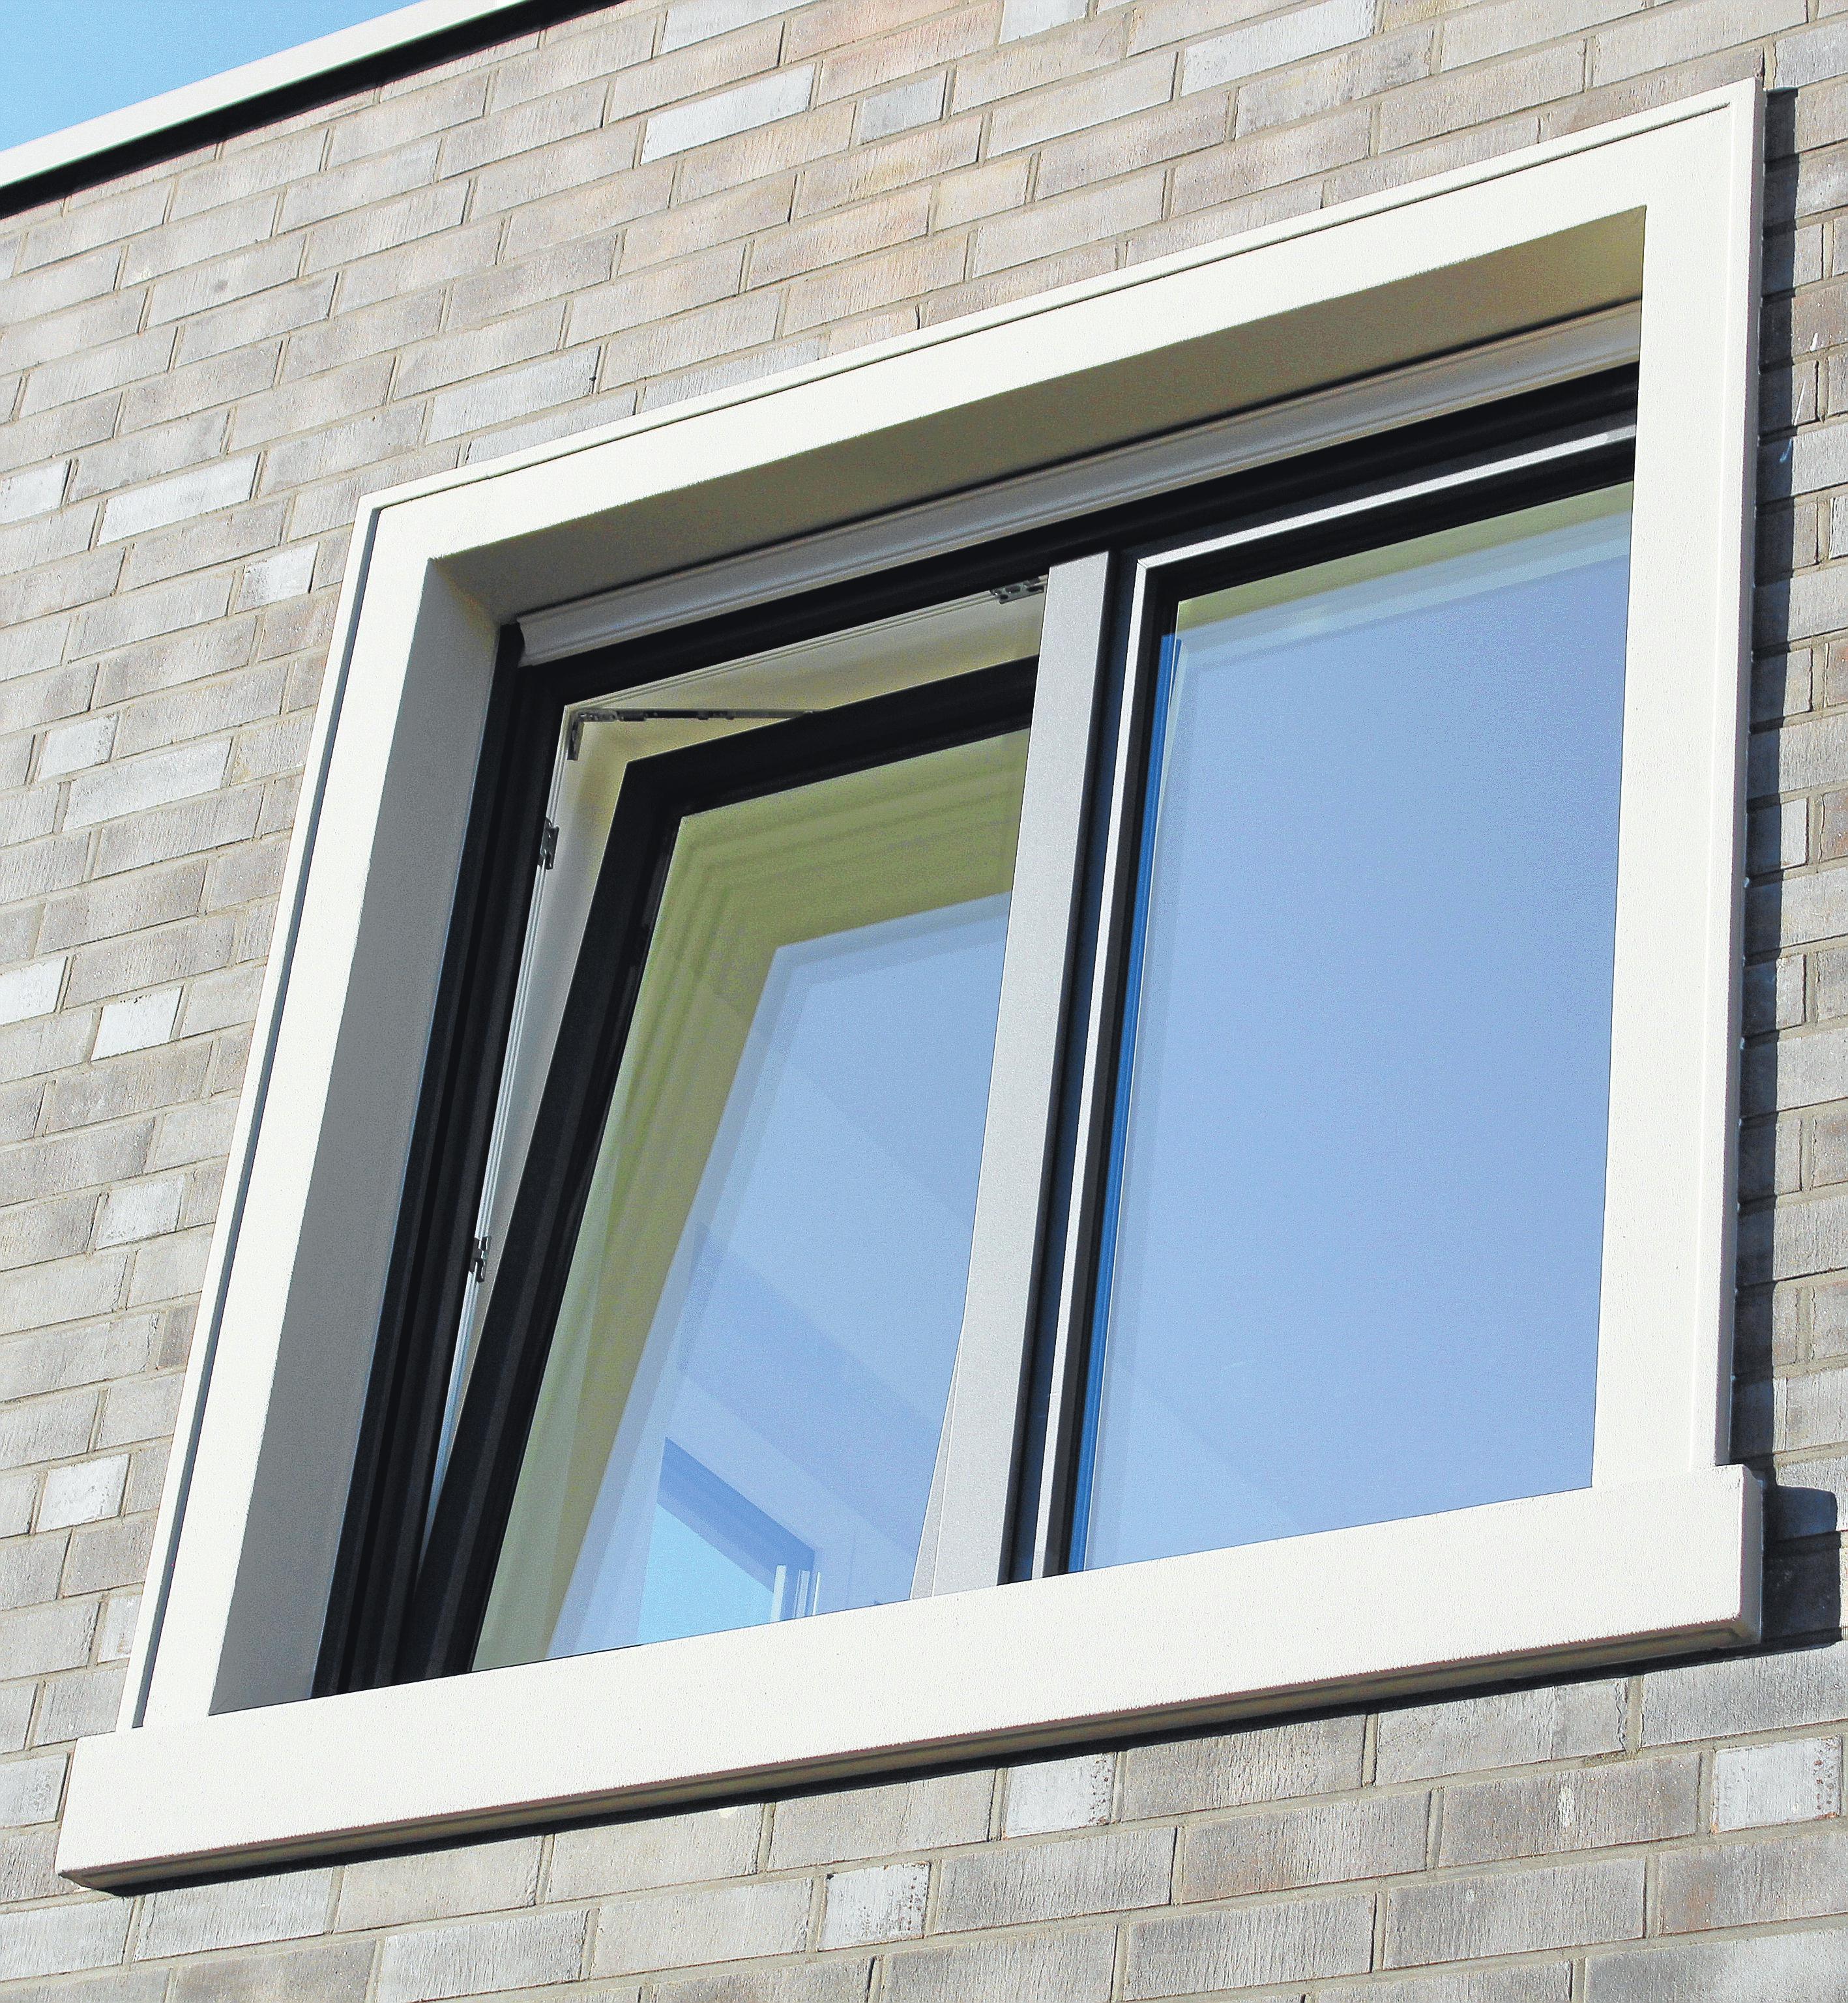 Dreifach verglaste Fenster: Optisch schick und Lärm schluckend.